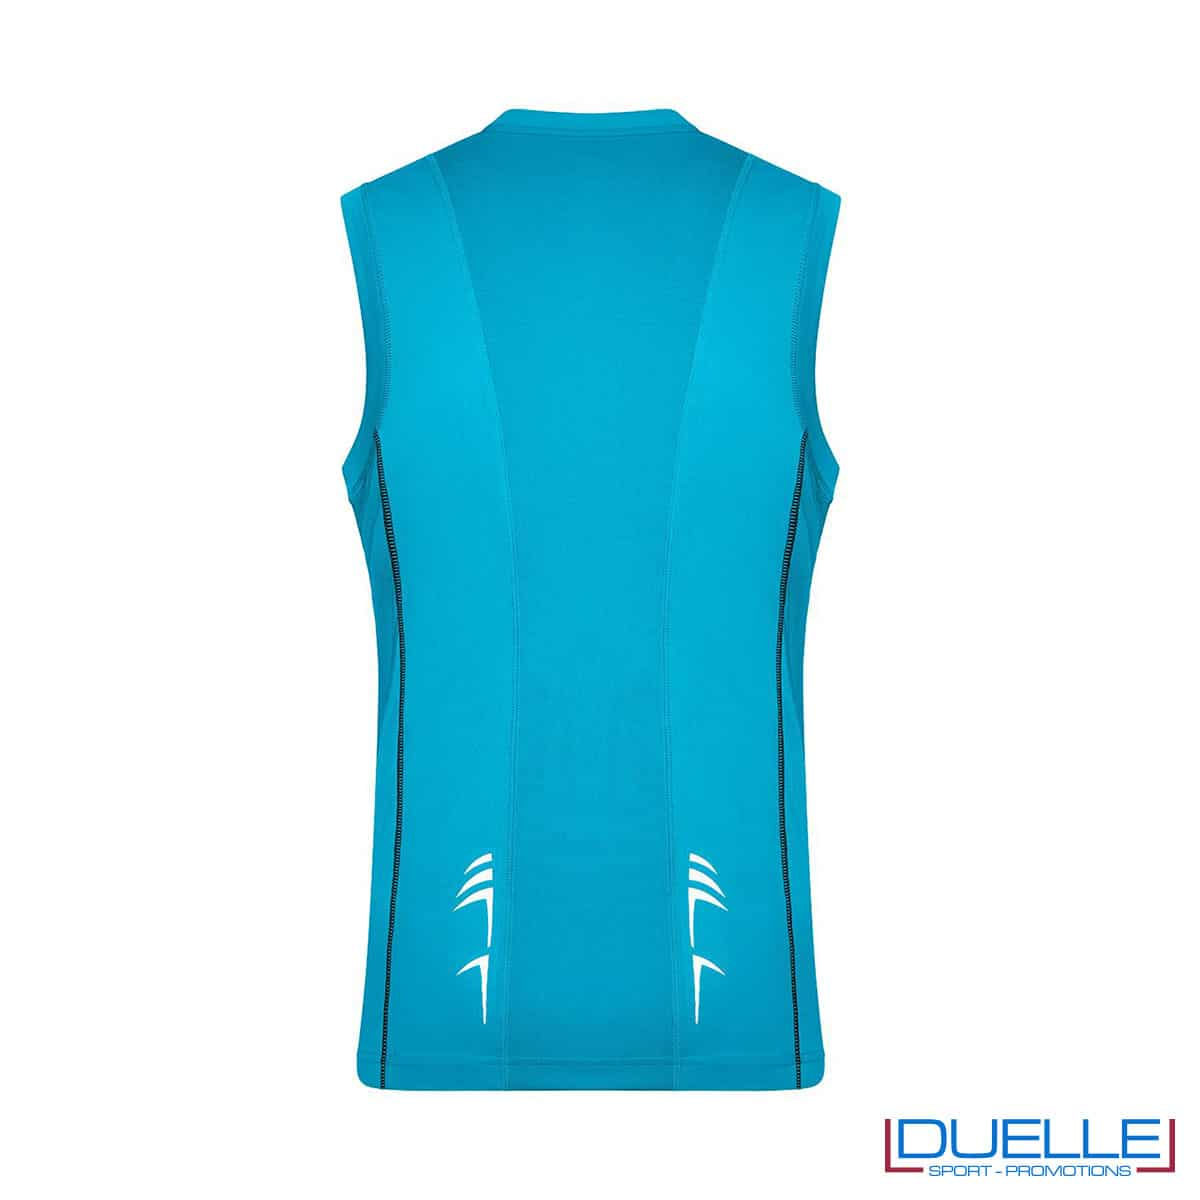 Retro canotta running uomo colore azzurro personalizzabile